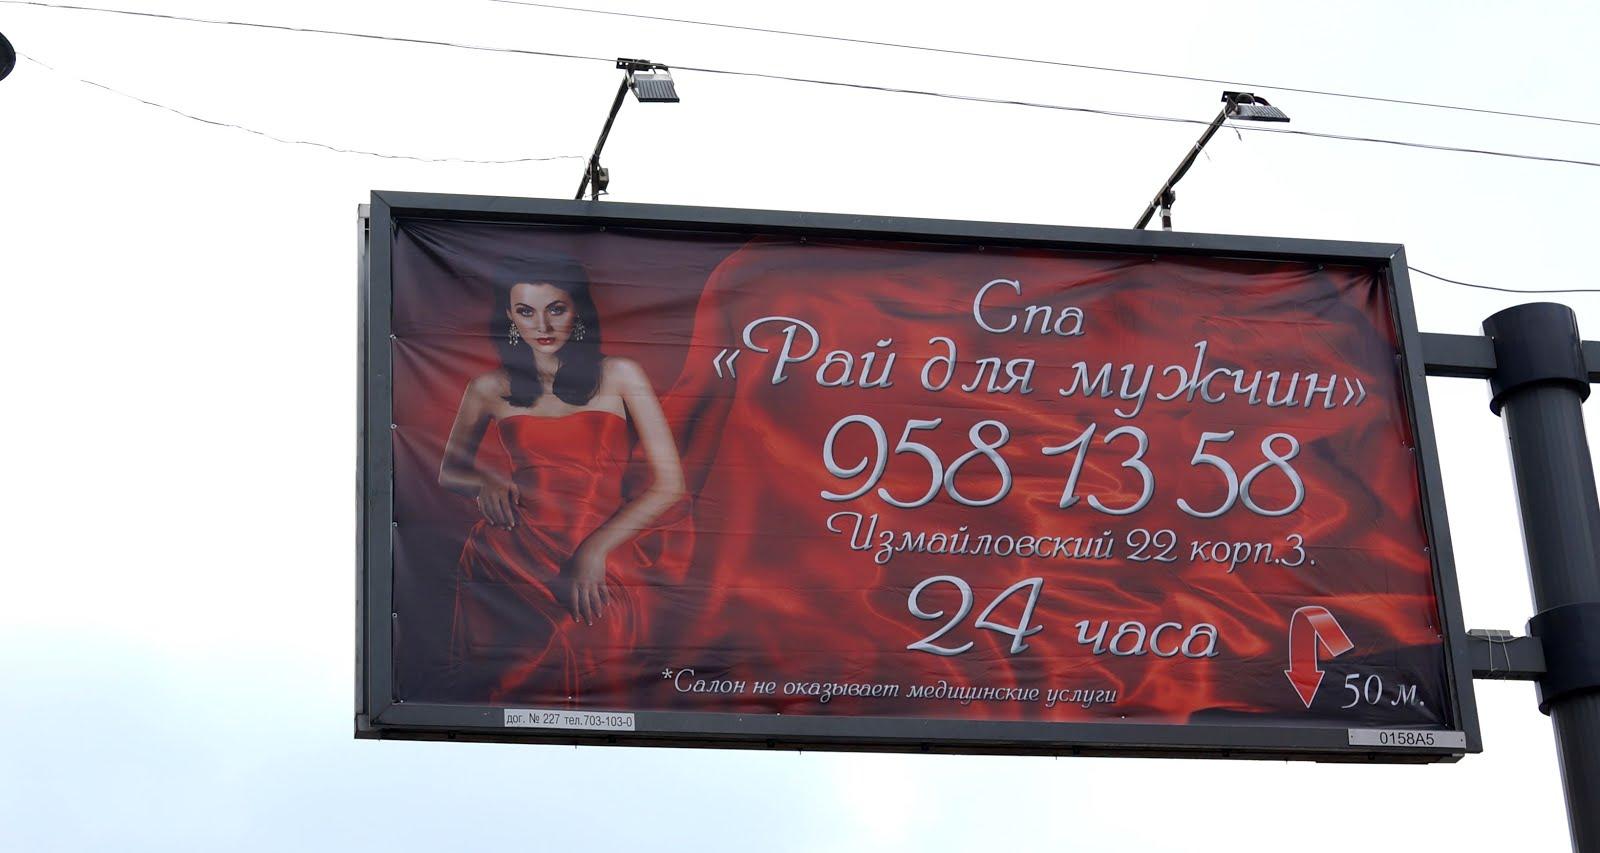 реклама интим услуг - 14